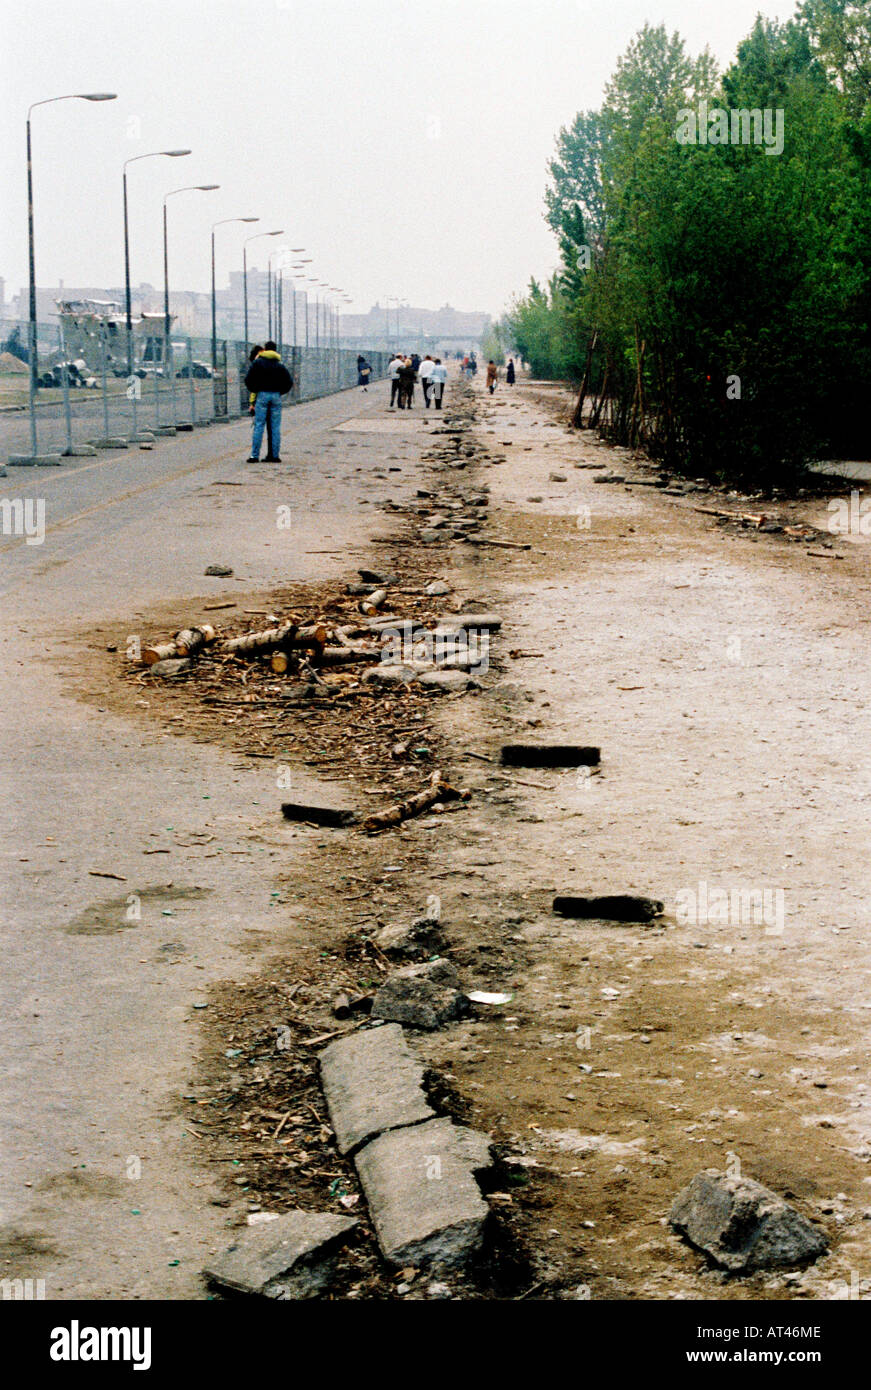 La caduta del muro di Berlino, 1989. I resti del muro di Berlino la storia archivio storico Immagini Stock